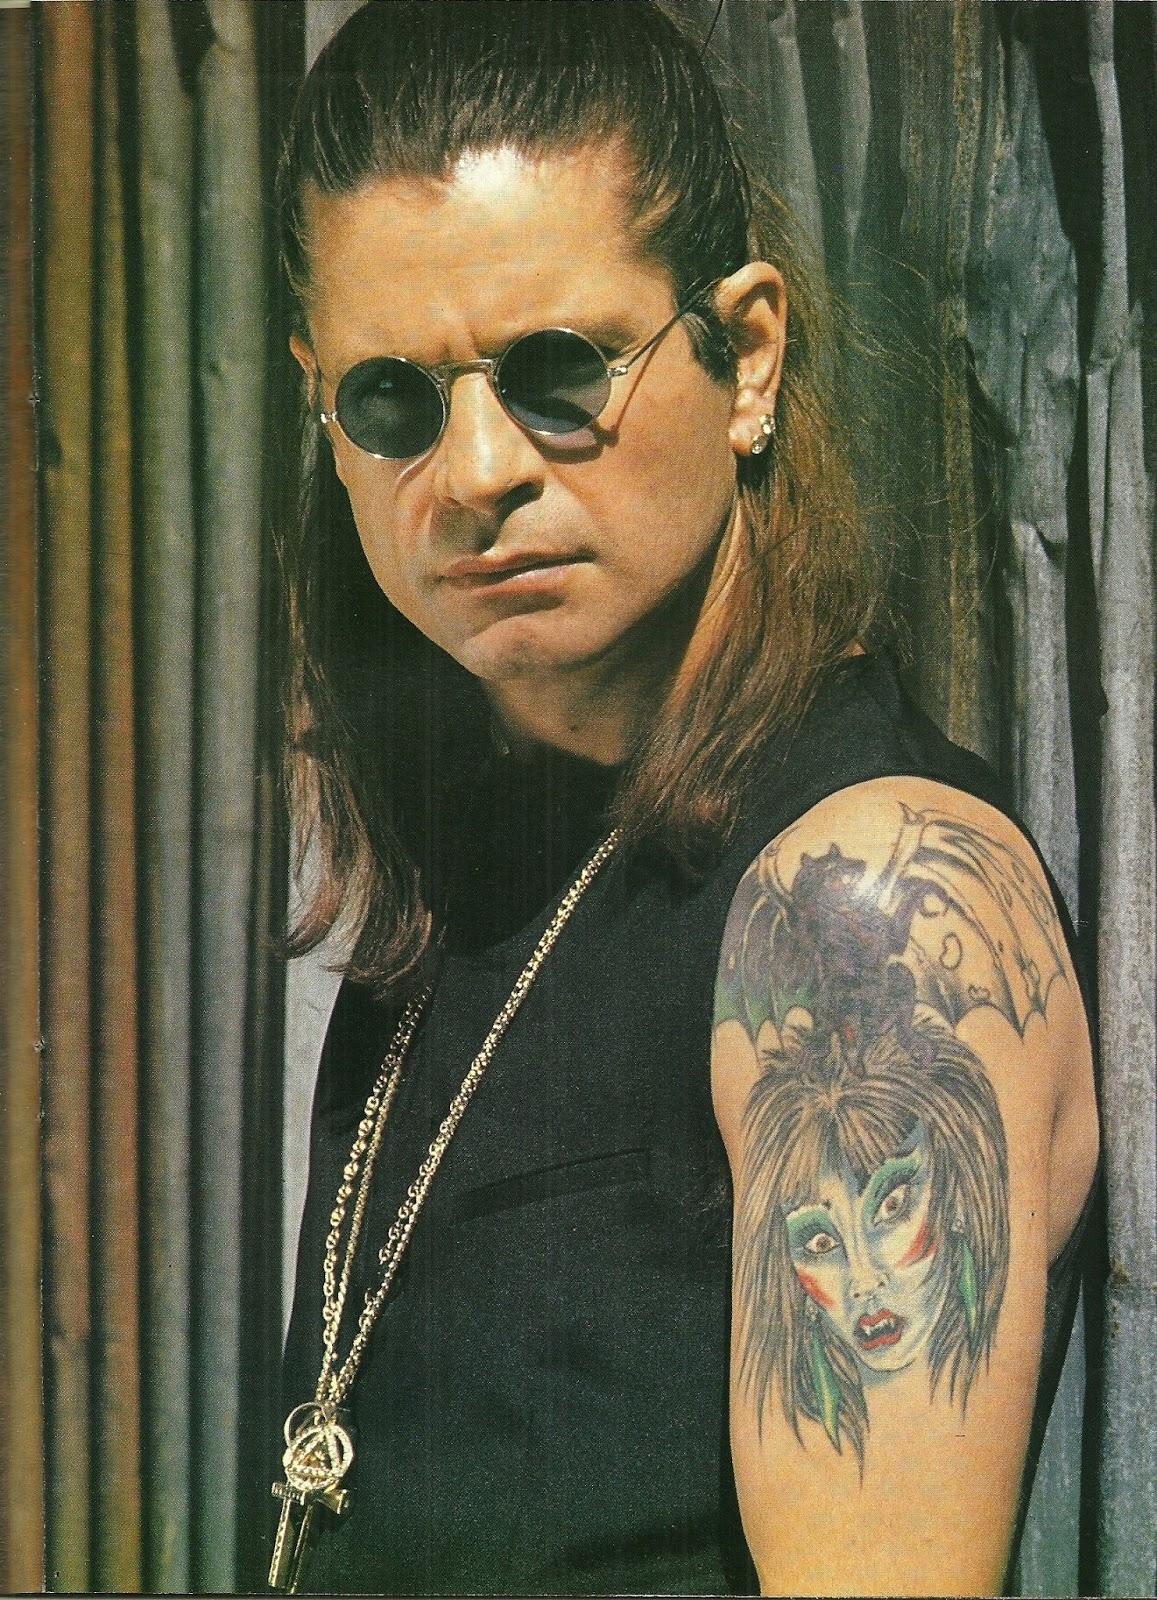 """OZZY OSBOURNE : Les yeux pour pleurer (""""Hard Rock Magazine"""" Novembre 1991) Archive à lire Numzor15"""